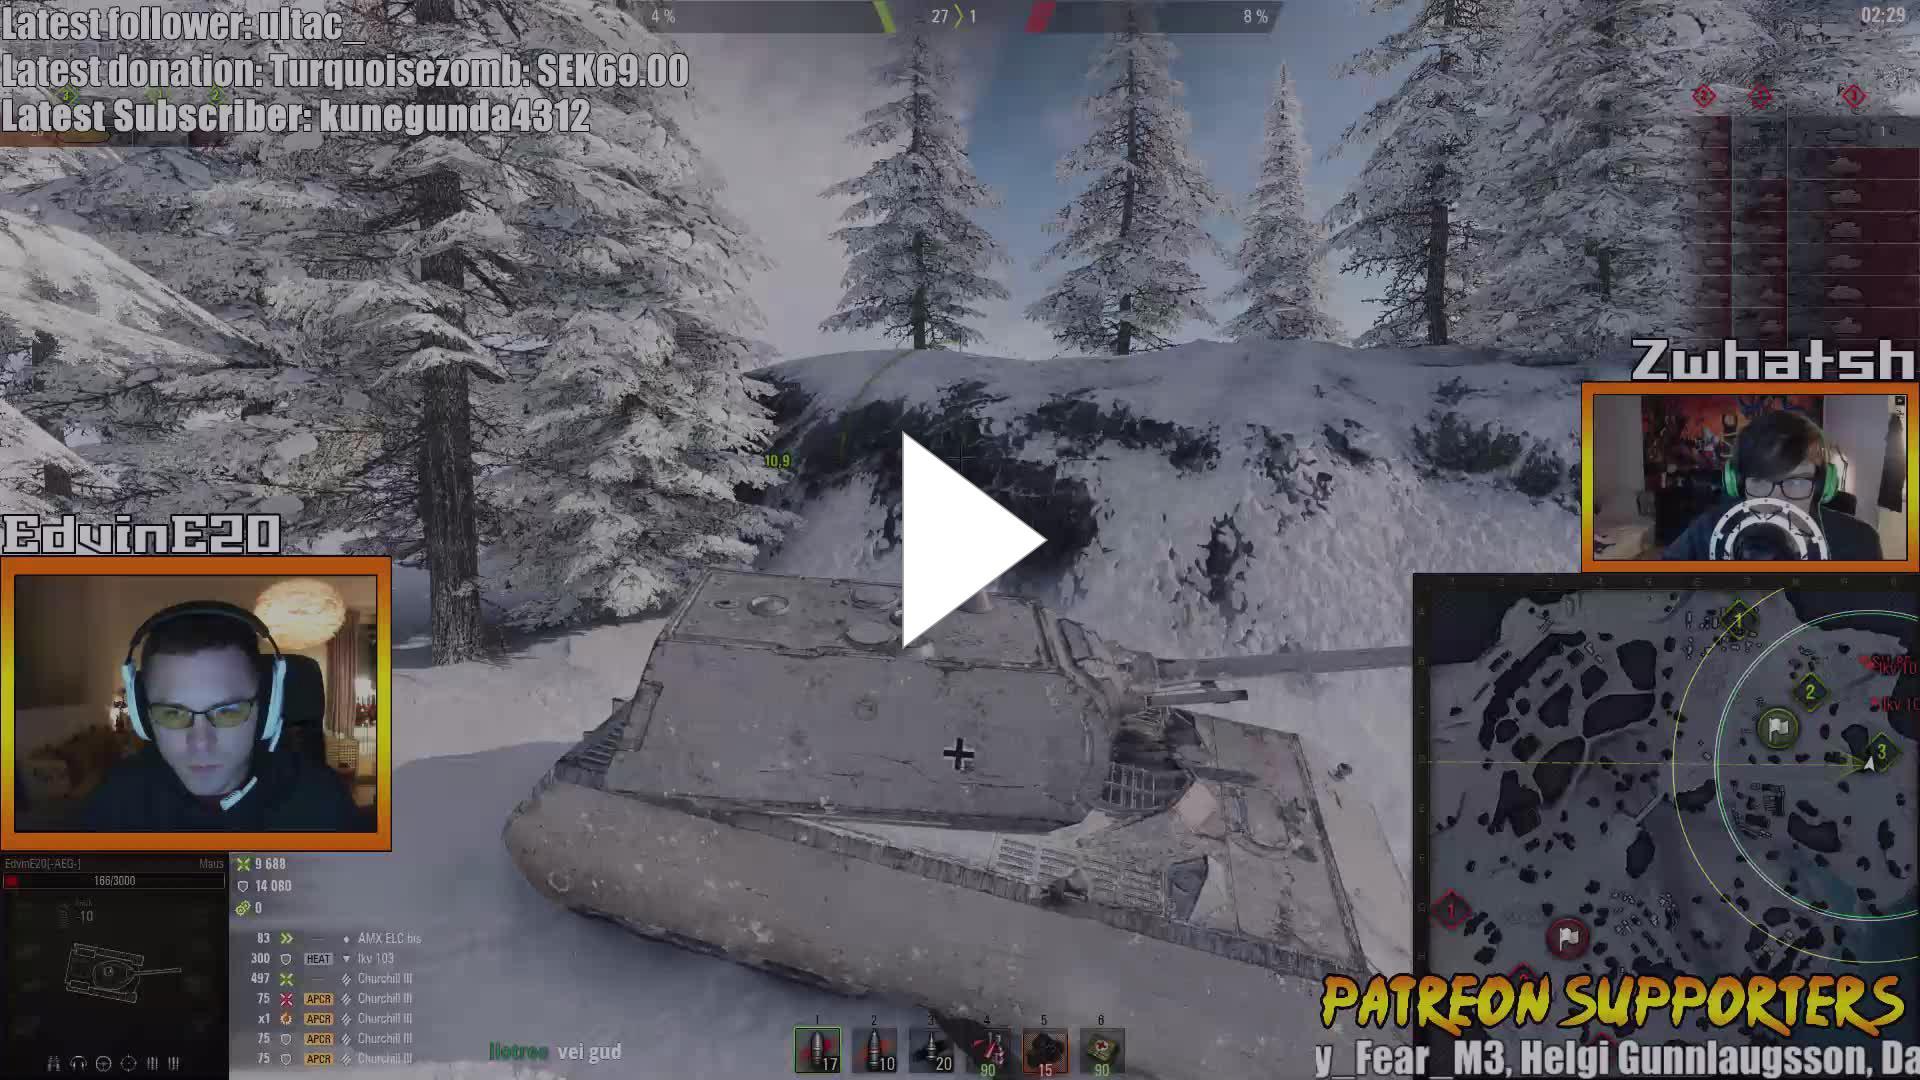 AwesomeEpicGuys - [ENG] World of Tanks Panhard EBR 75 Rental Codes